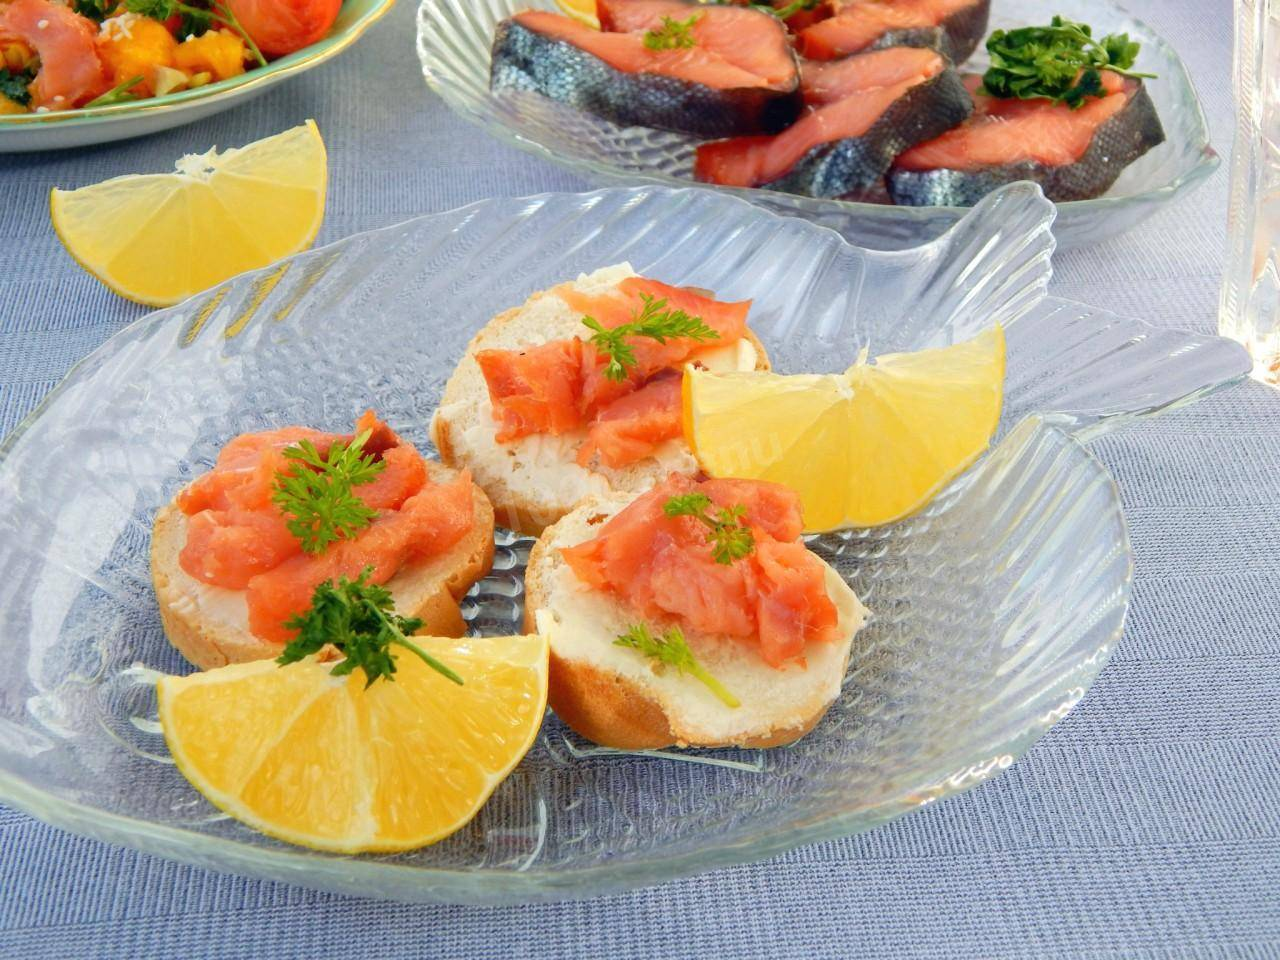 Бутерброды на праздничный стол - 20 простых, вкусных и недорогих рецептов с фото